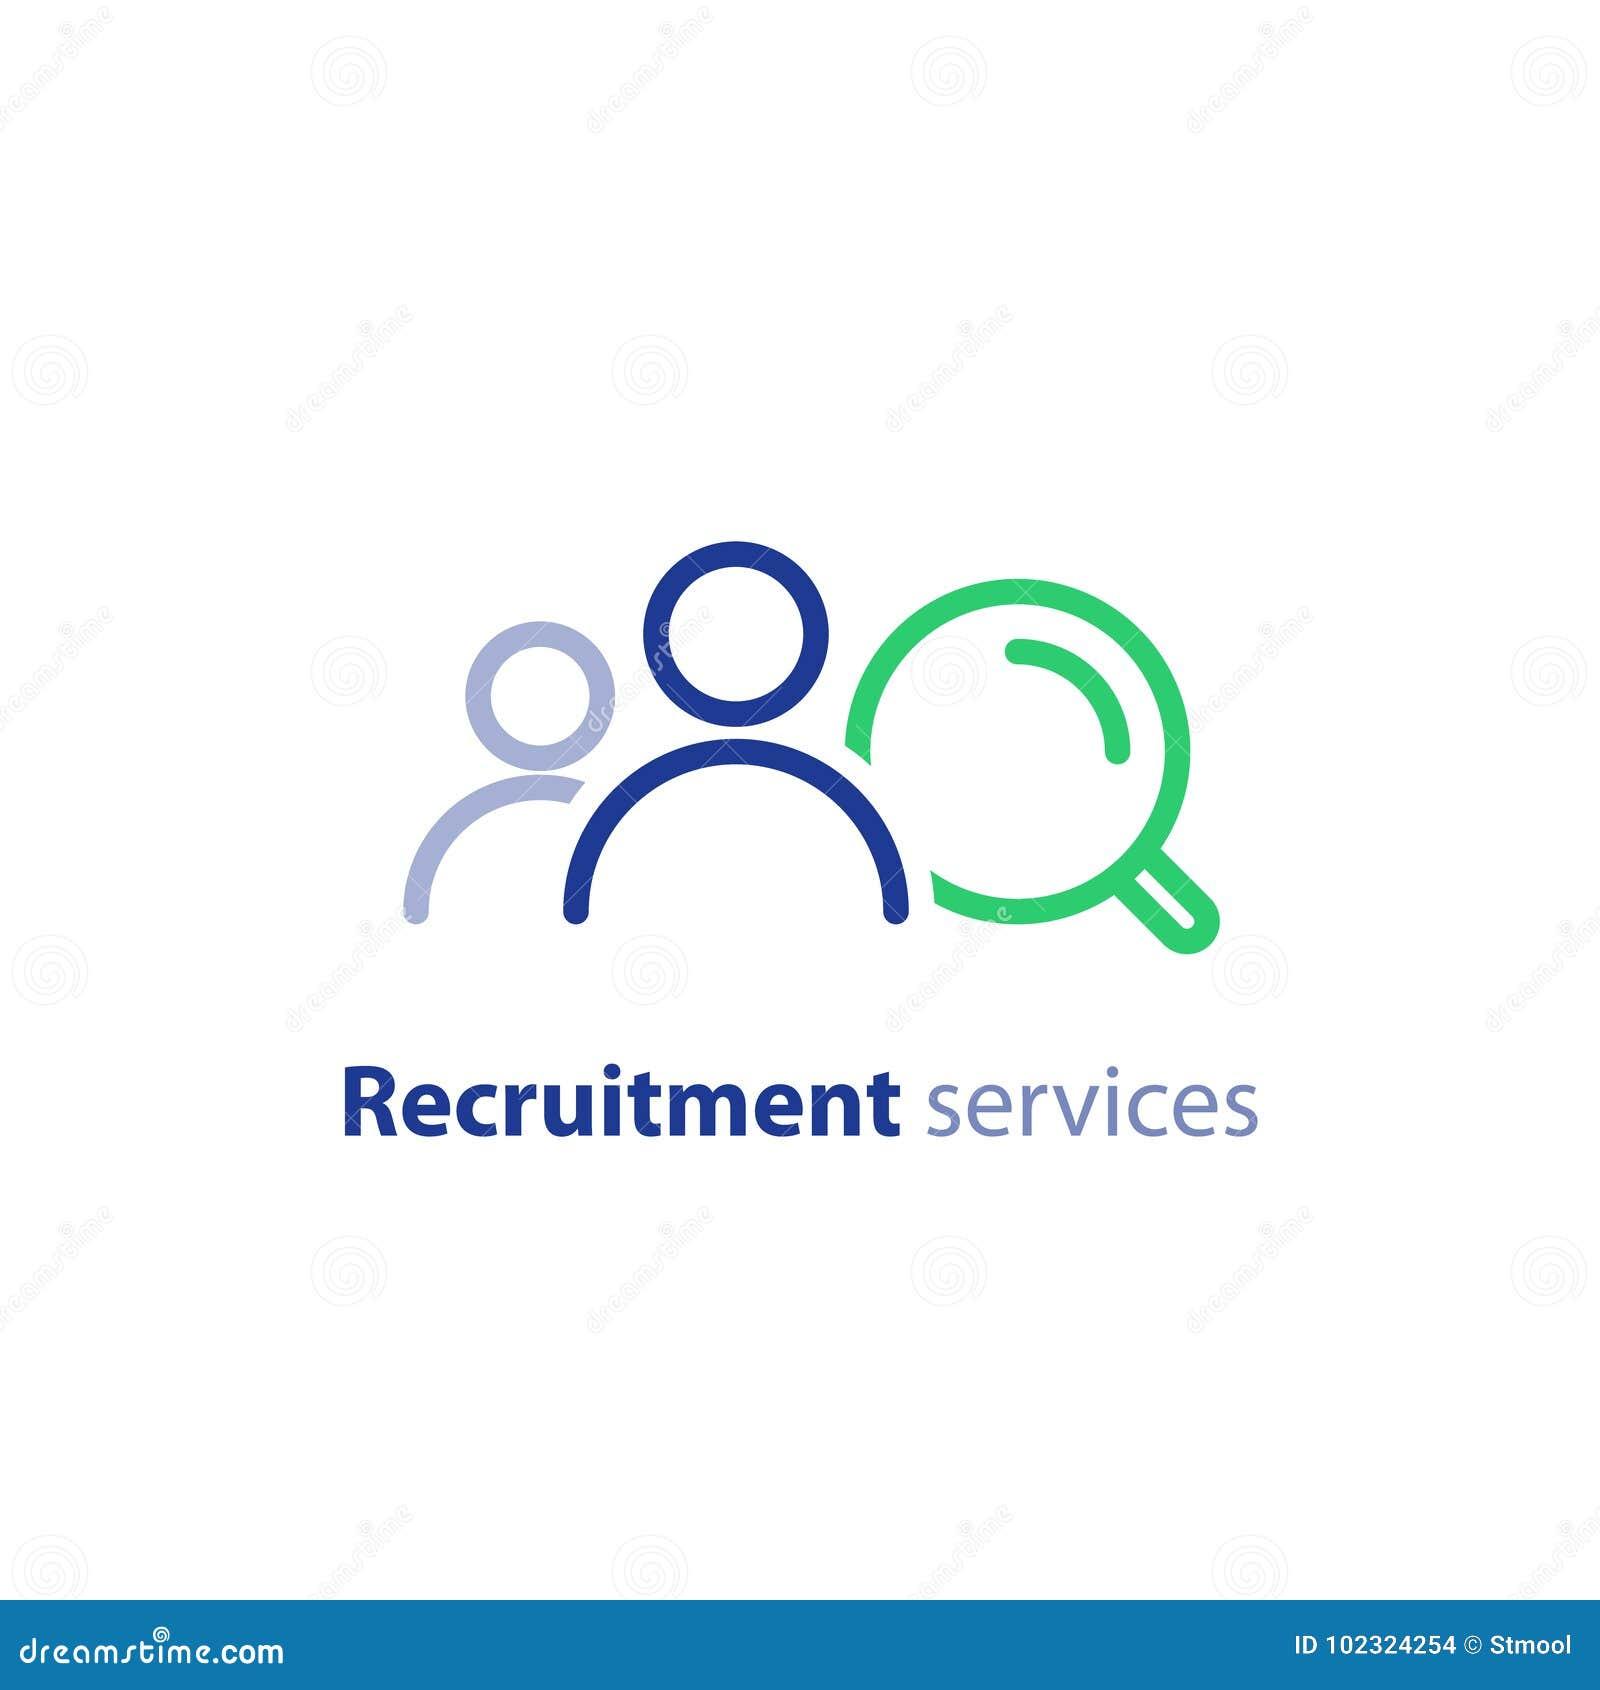 La investigación del reclutamiento, servicios de los recursos humanos, empleado de alquiler, encuentra el trabajo, concepto de la